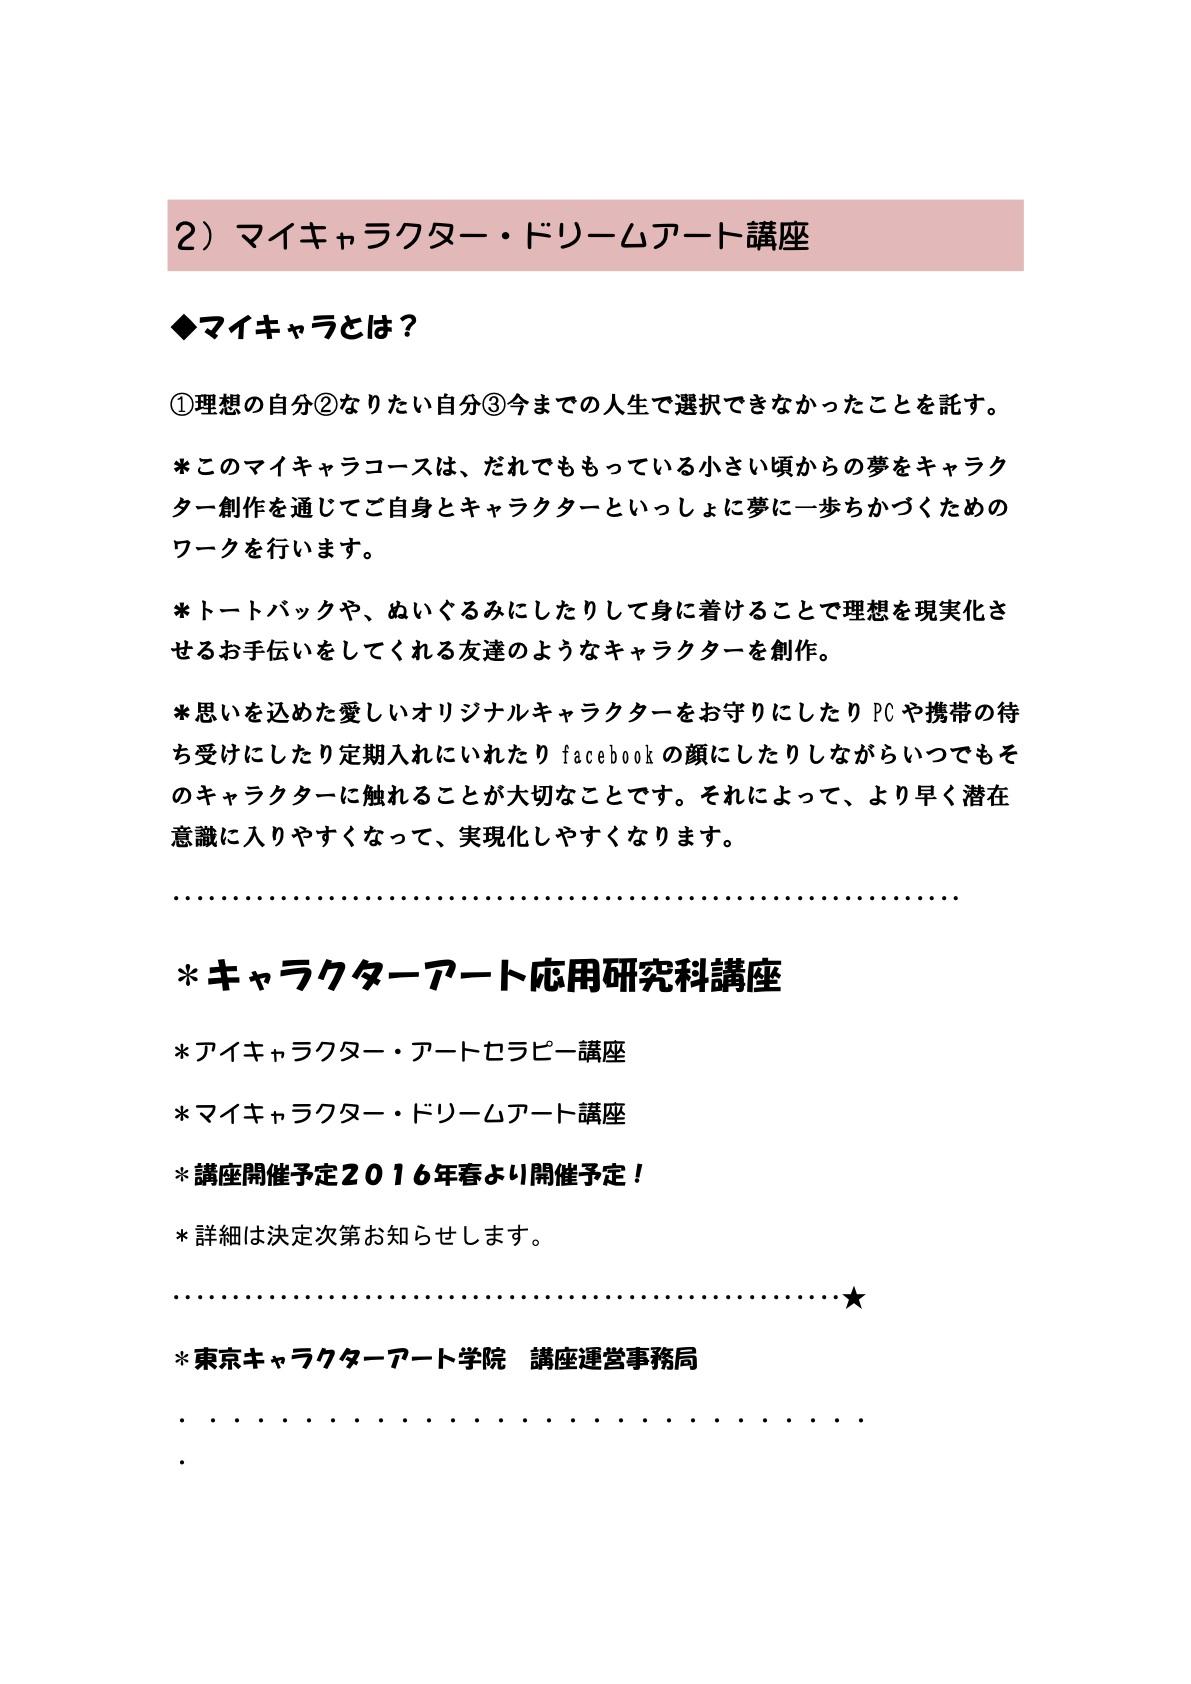 東京キャラクターアート学院のプレ講座_e0082852_10364176.jpg